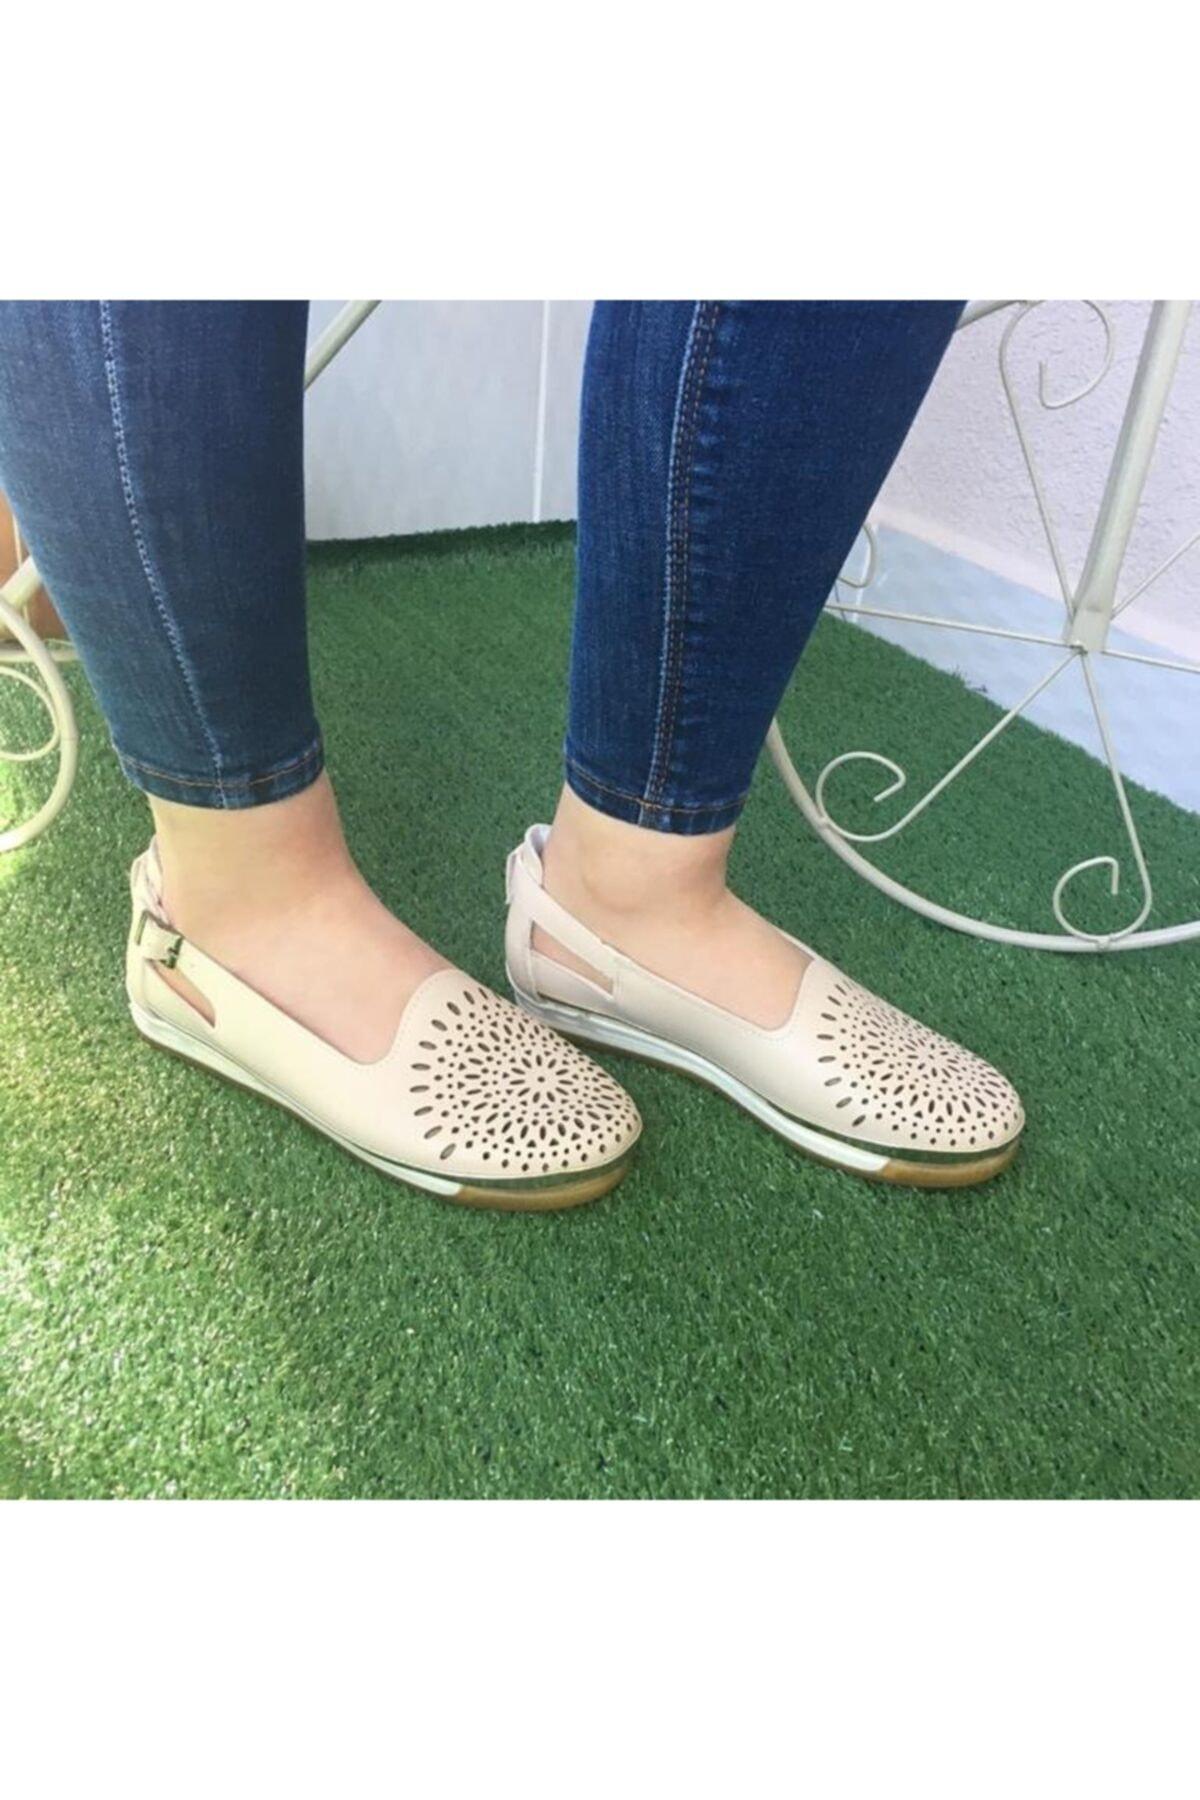 AYTU Günlük Babet Ayakkabı 2